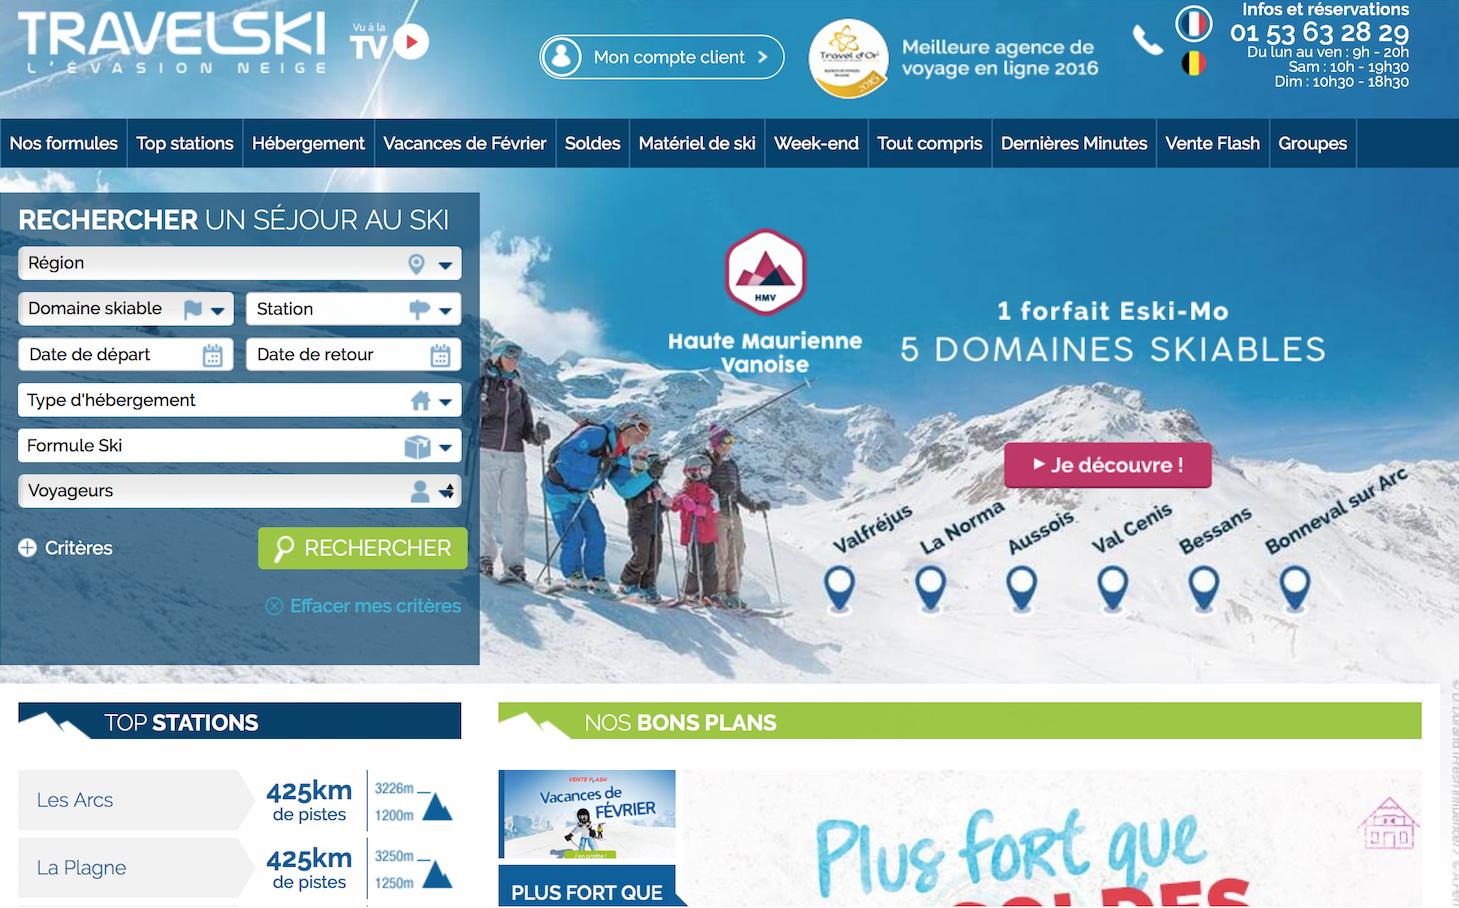 全球最大的滑雪度假村运营商Compagnie des Alpes收购旅游网站Travelfactory 73%股权,希望中国复星参与